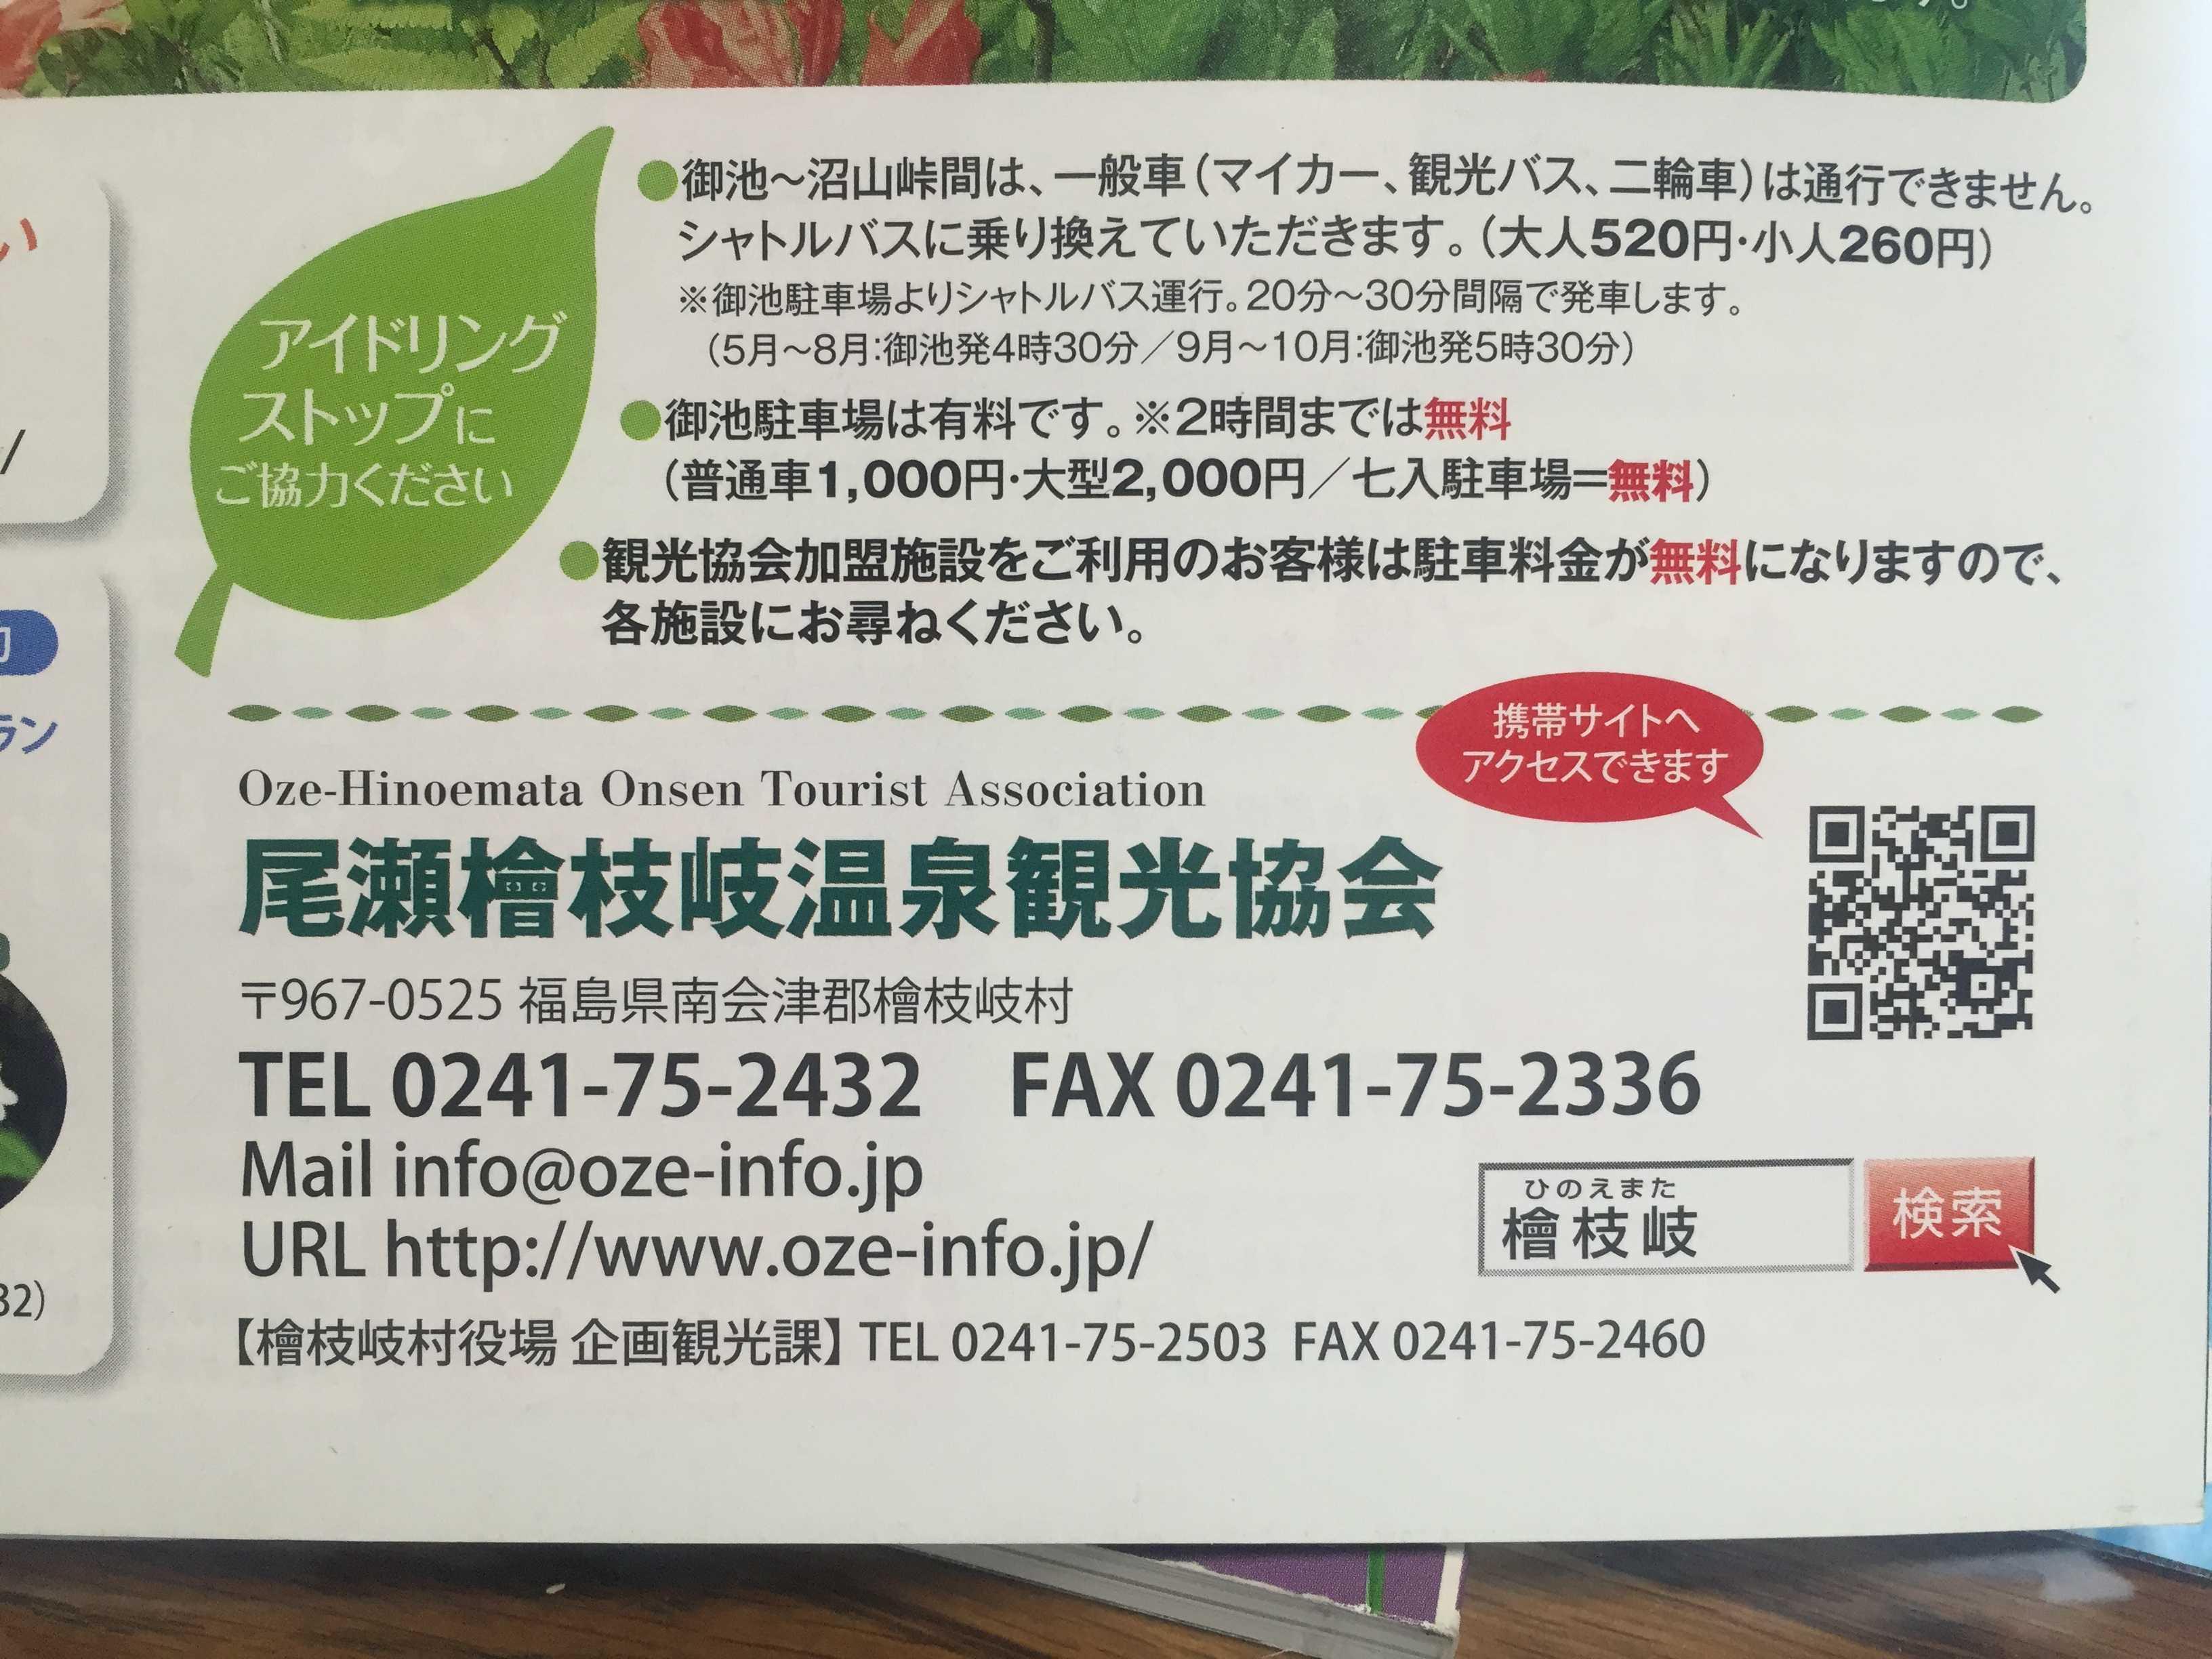 尾瀬檜枝岐温泉観光協会